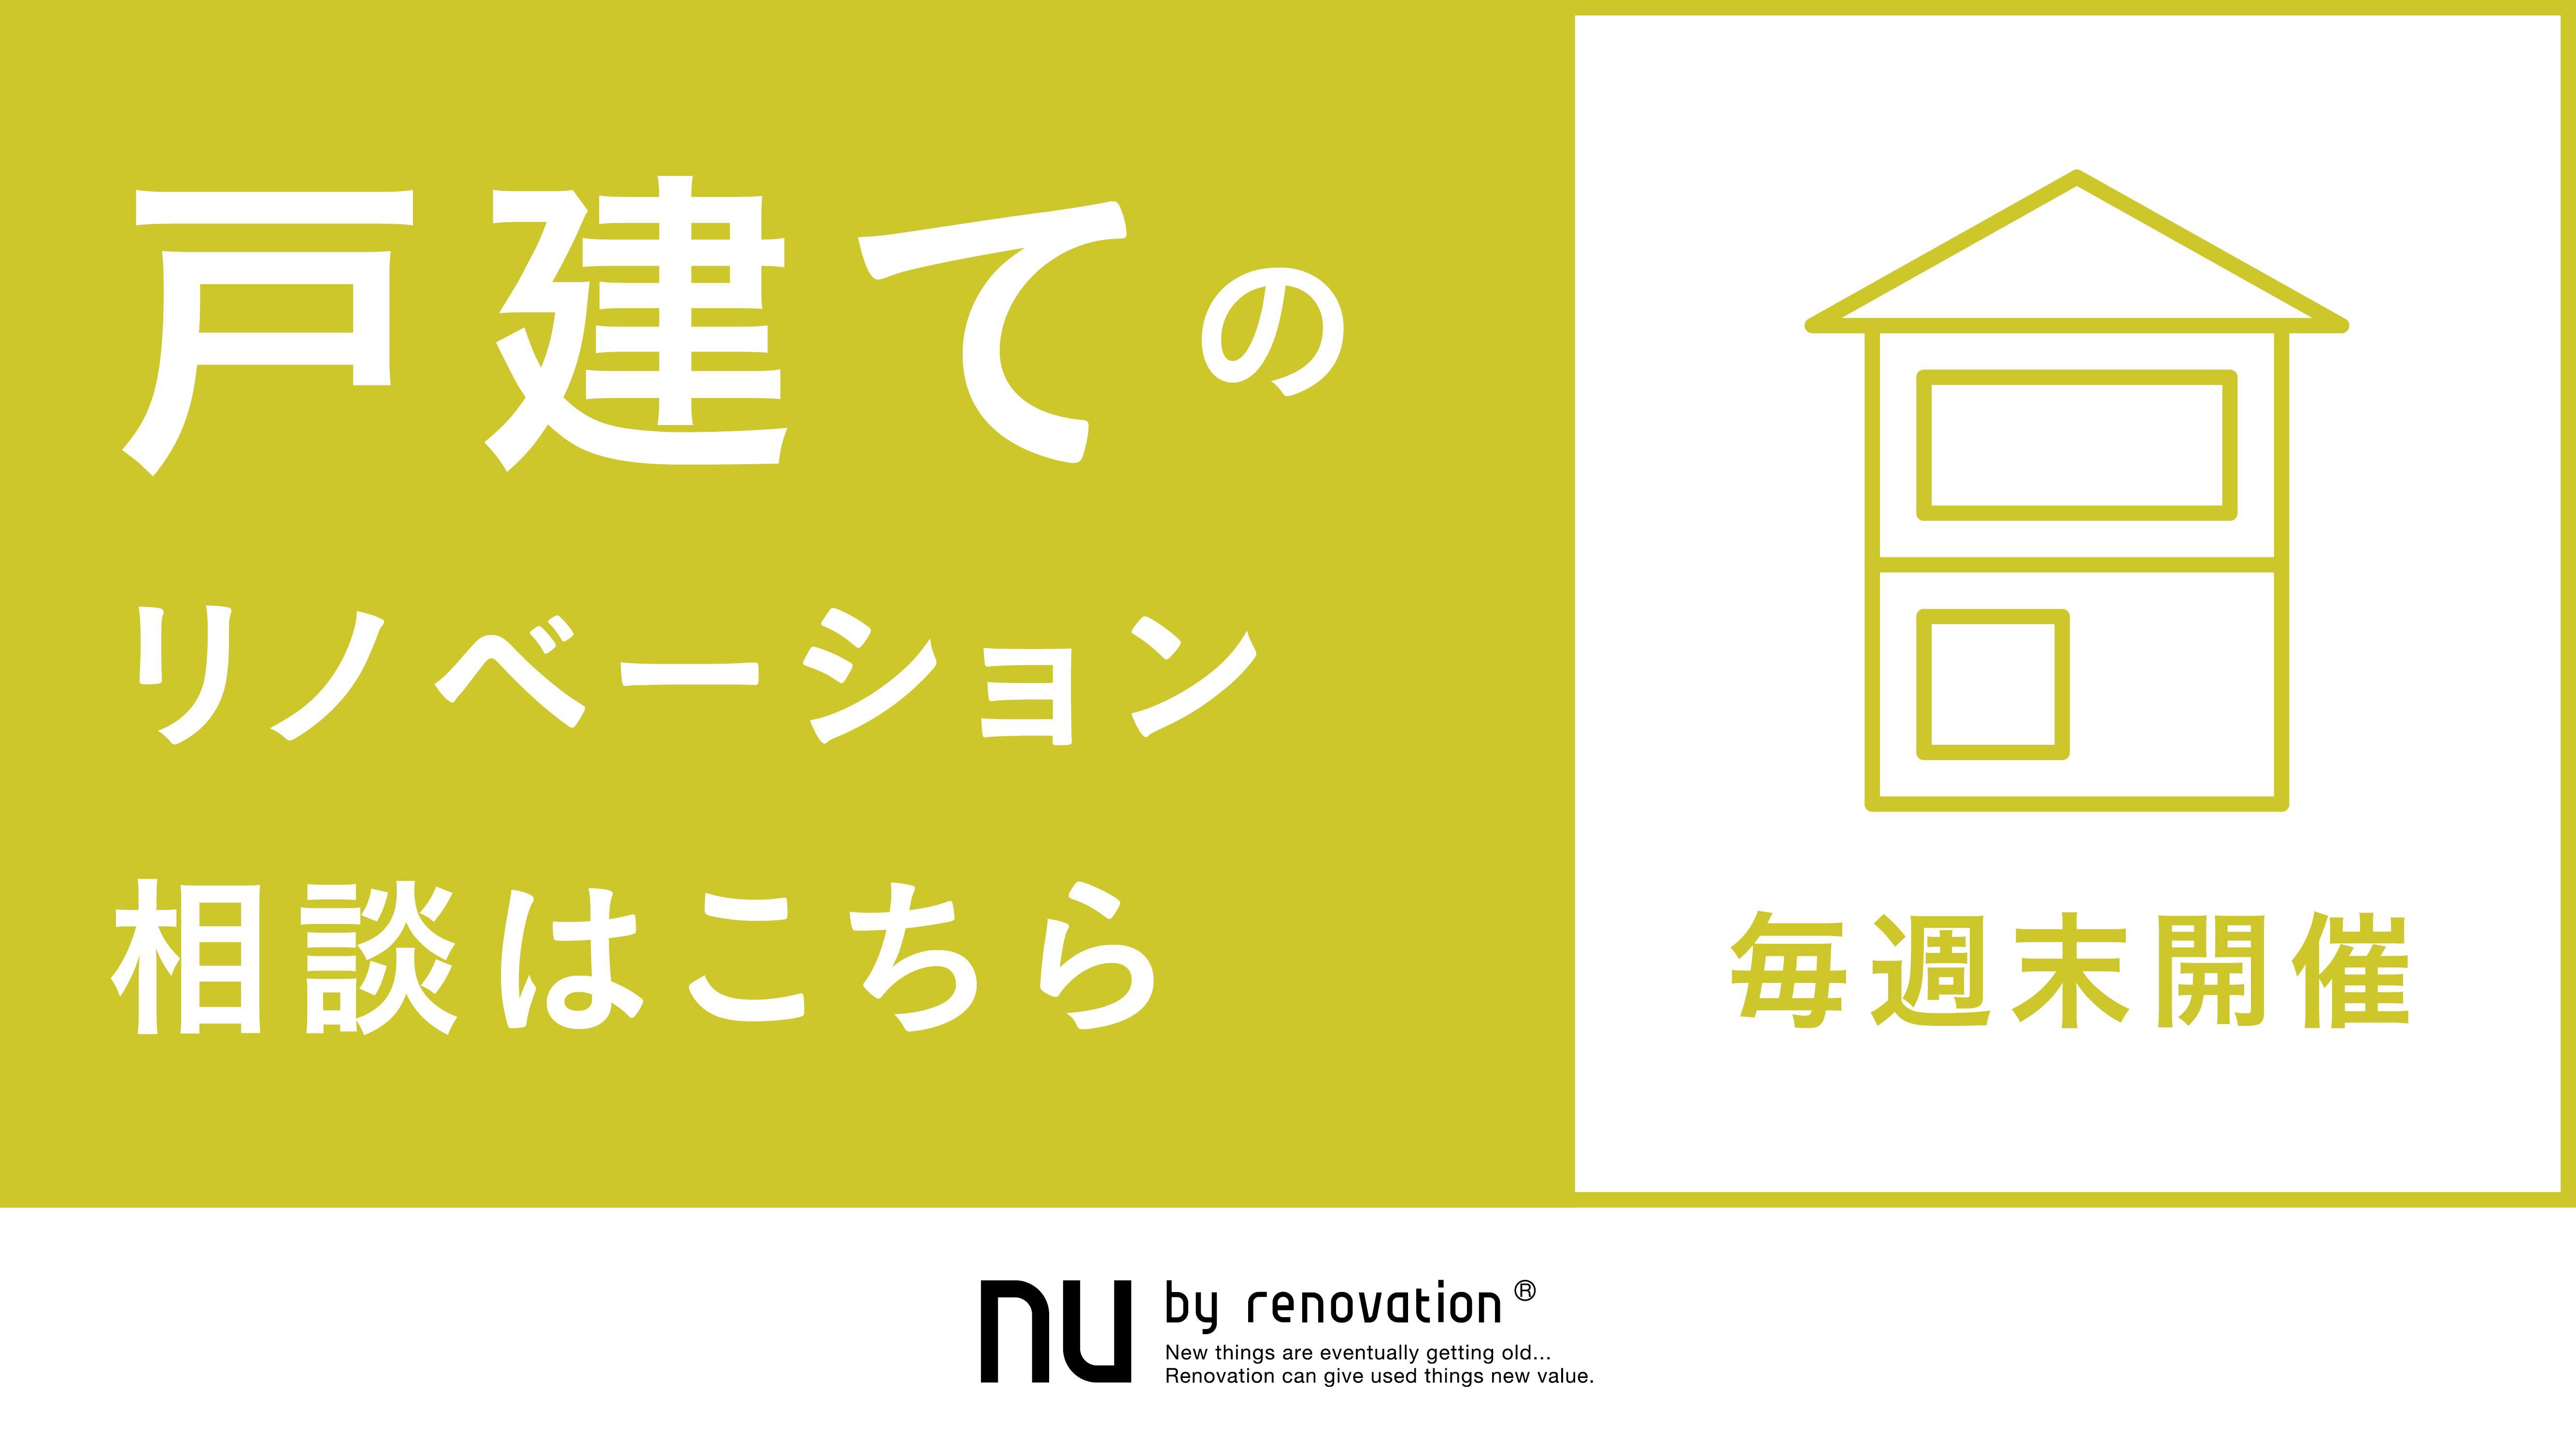 【10/7(土)8(日)9(月・祝) in恵比寿】戸建のリノベーション相談はこちら